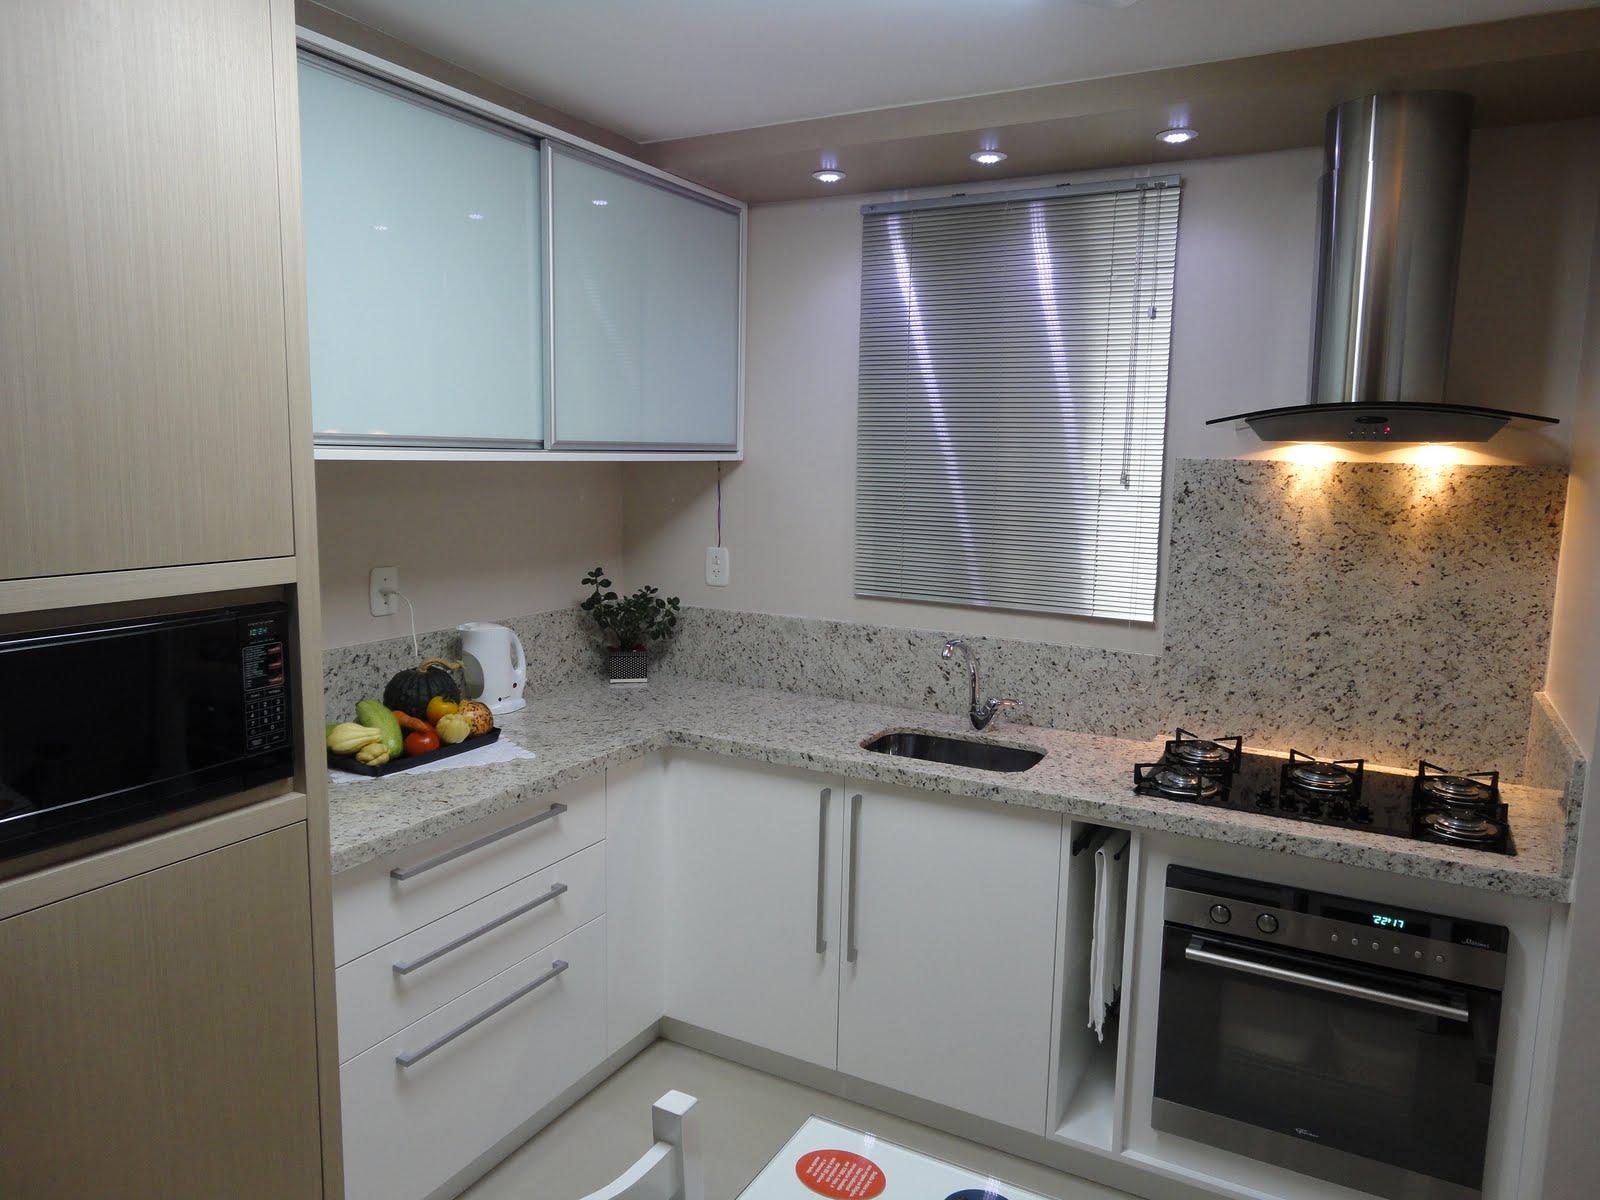 Cozinha Compacta Pia Fogão Armário E Geladeira | innovationetwork